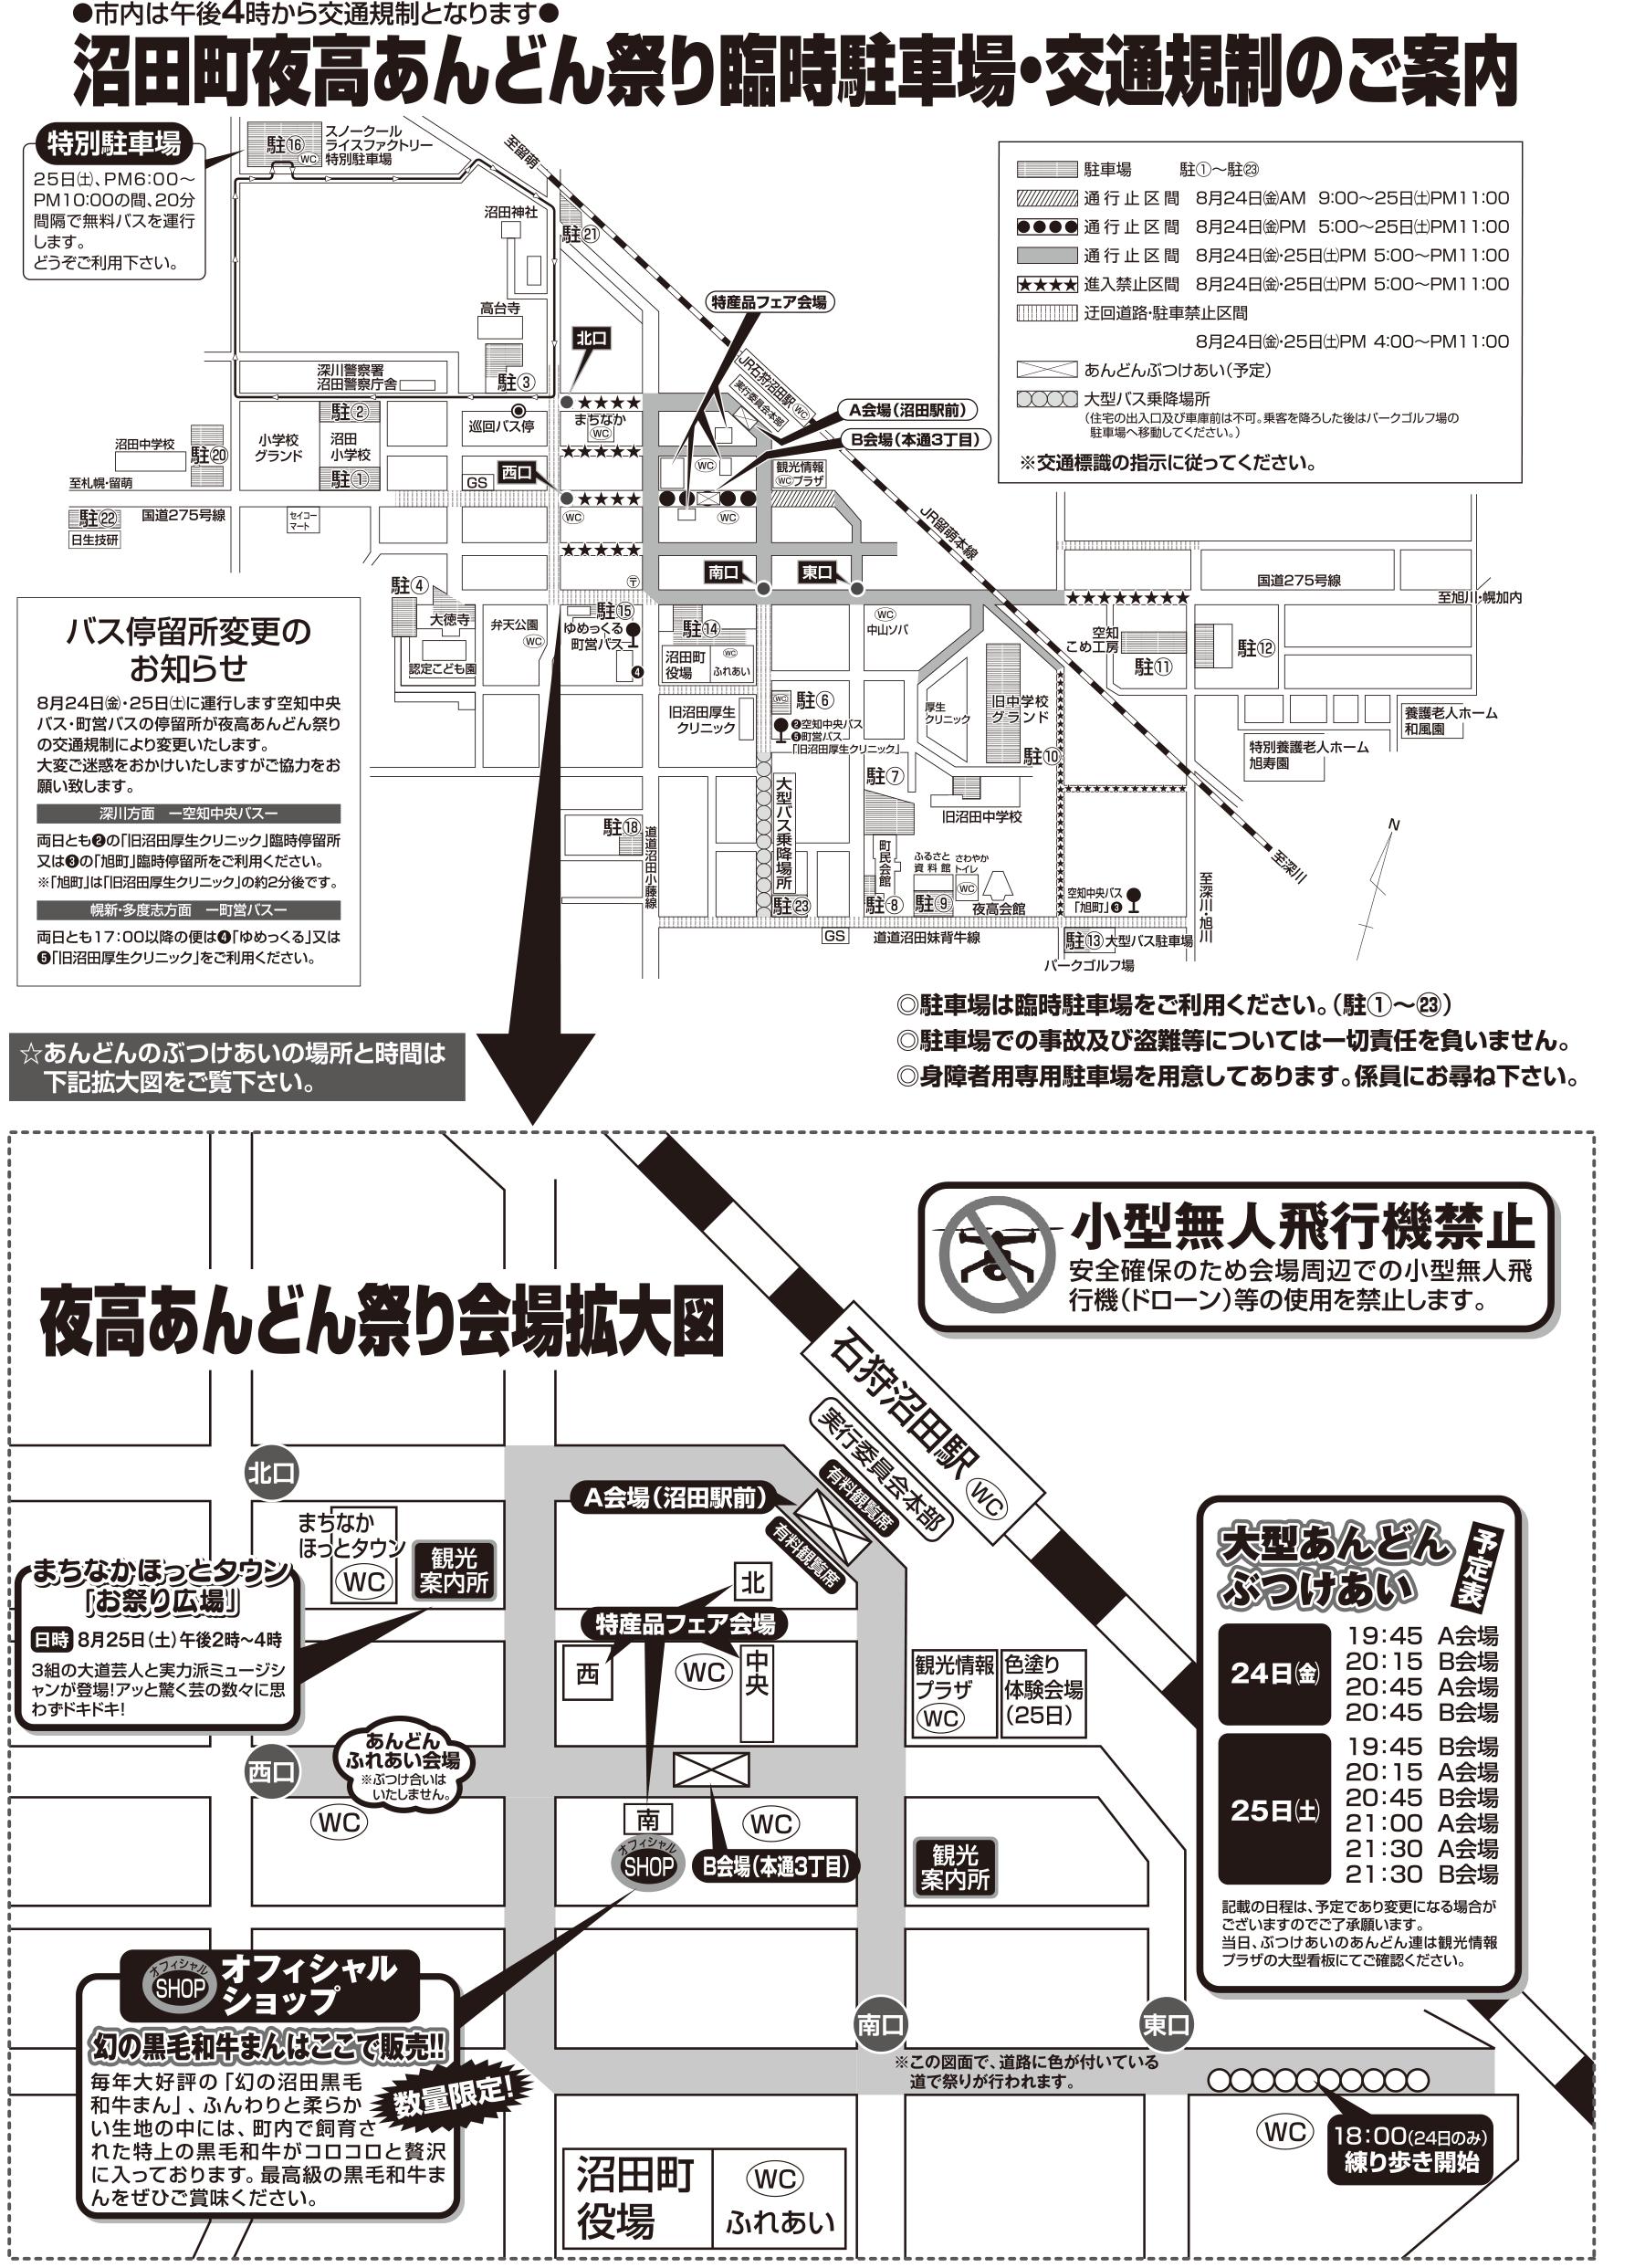 沼田町夜高あんどん祭り臨時駐車場・交通規制のご案内